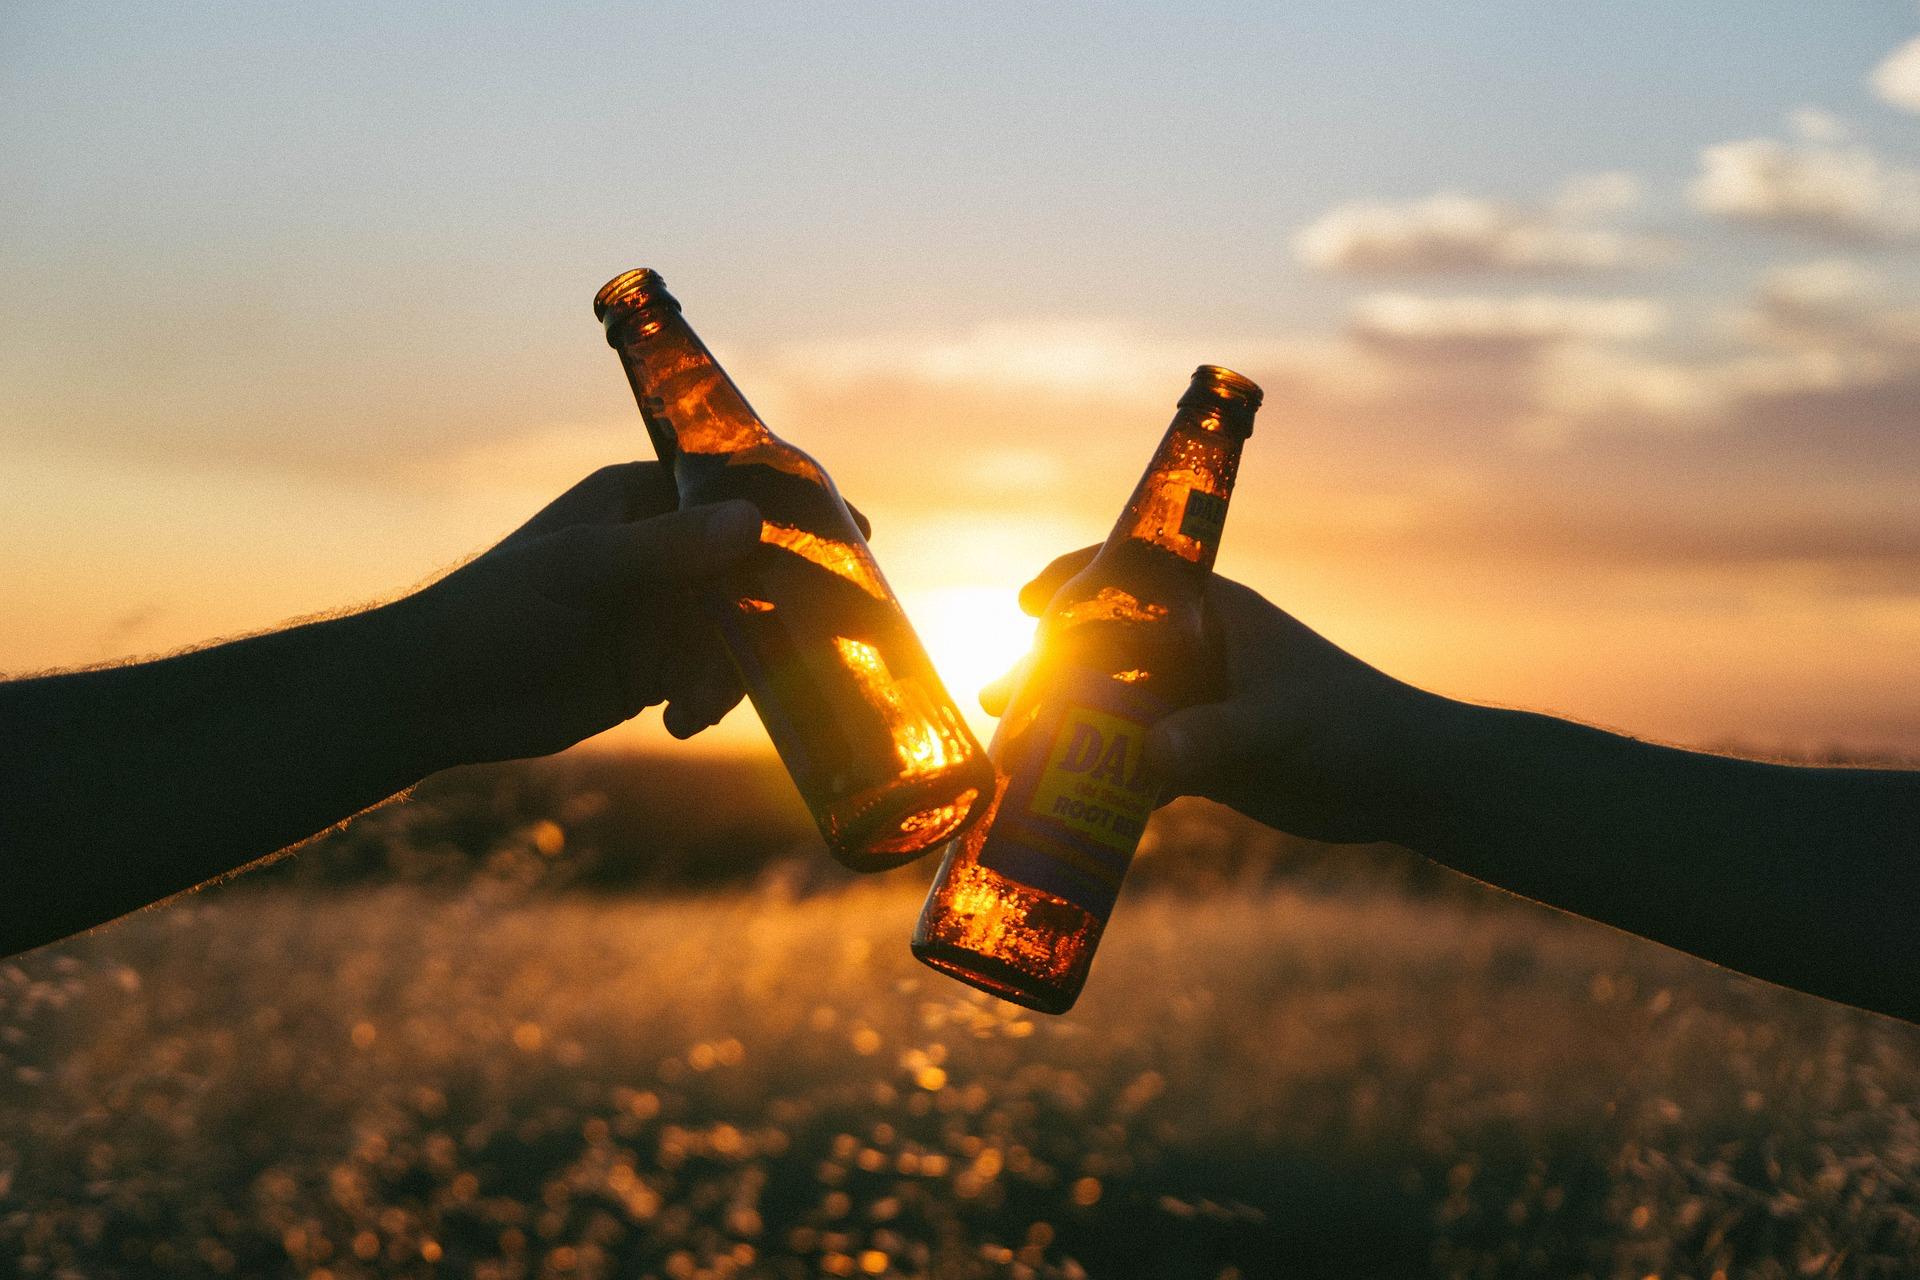 Pane tostato, amicizia, birra, coppia, rilassarsi - Sfondi HD - Professor-falken.com